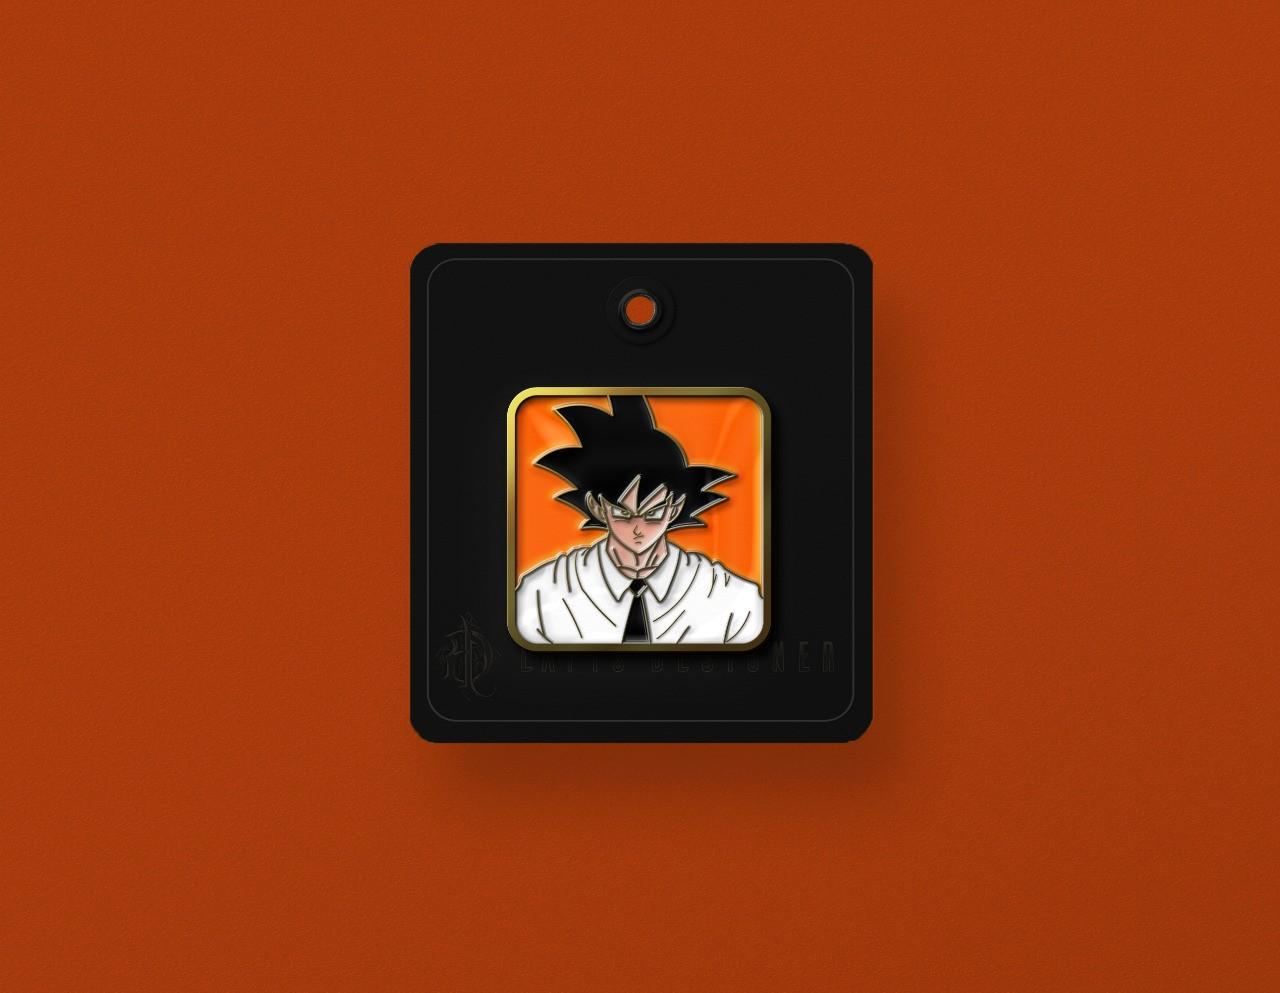 Pré venda Goku DM Iniciático - Envio 28/02 (apenas 50 unidades)